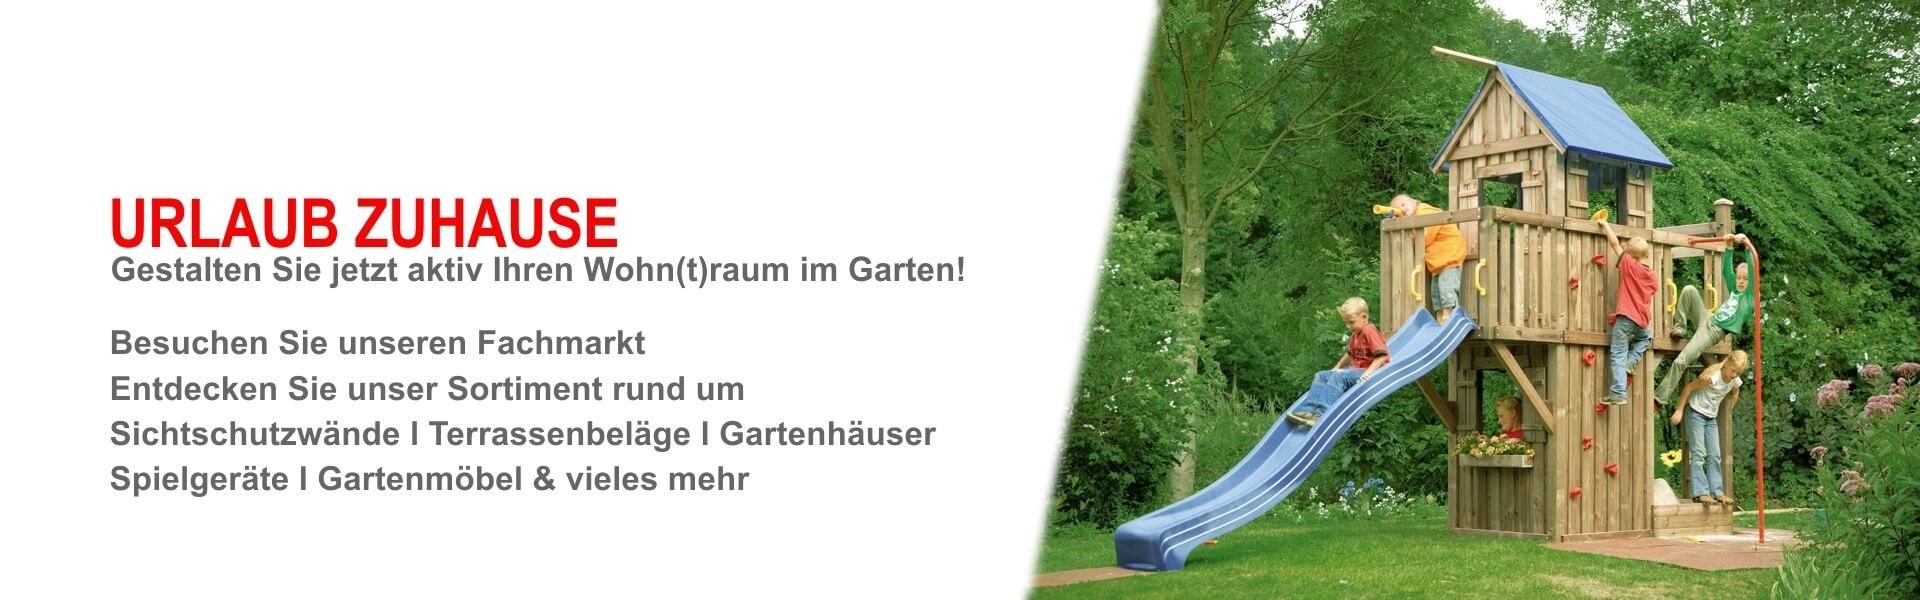 Full Size of Klapptisch Holzland Kohn Ihr Holzberater Zwischen Freising Und Landshut Küche Garten Wohnzimmer Wand:ylp2gzuwkdi= Klapptisch